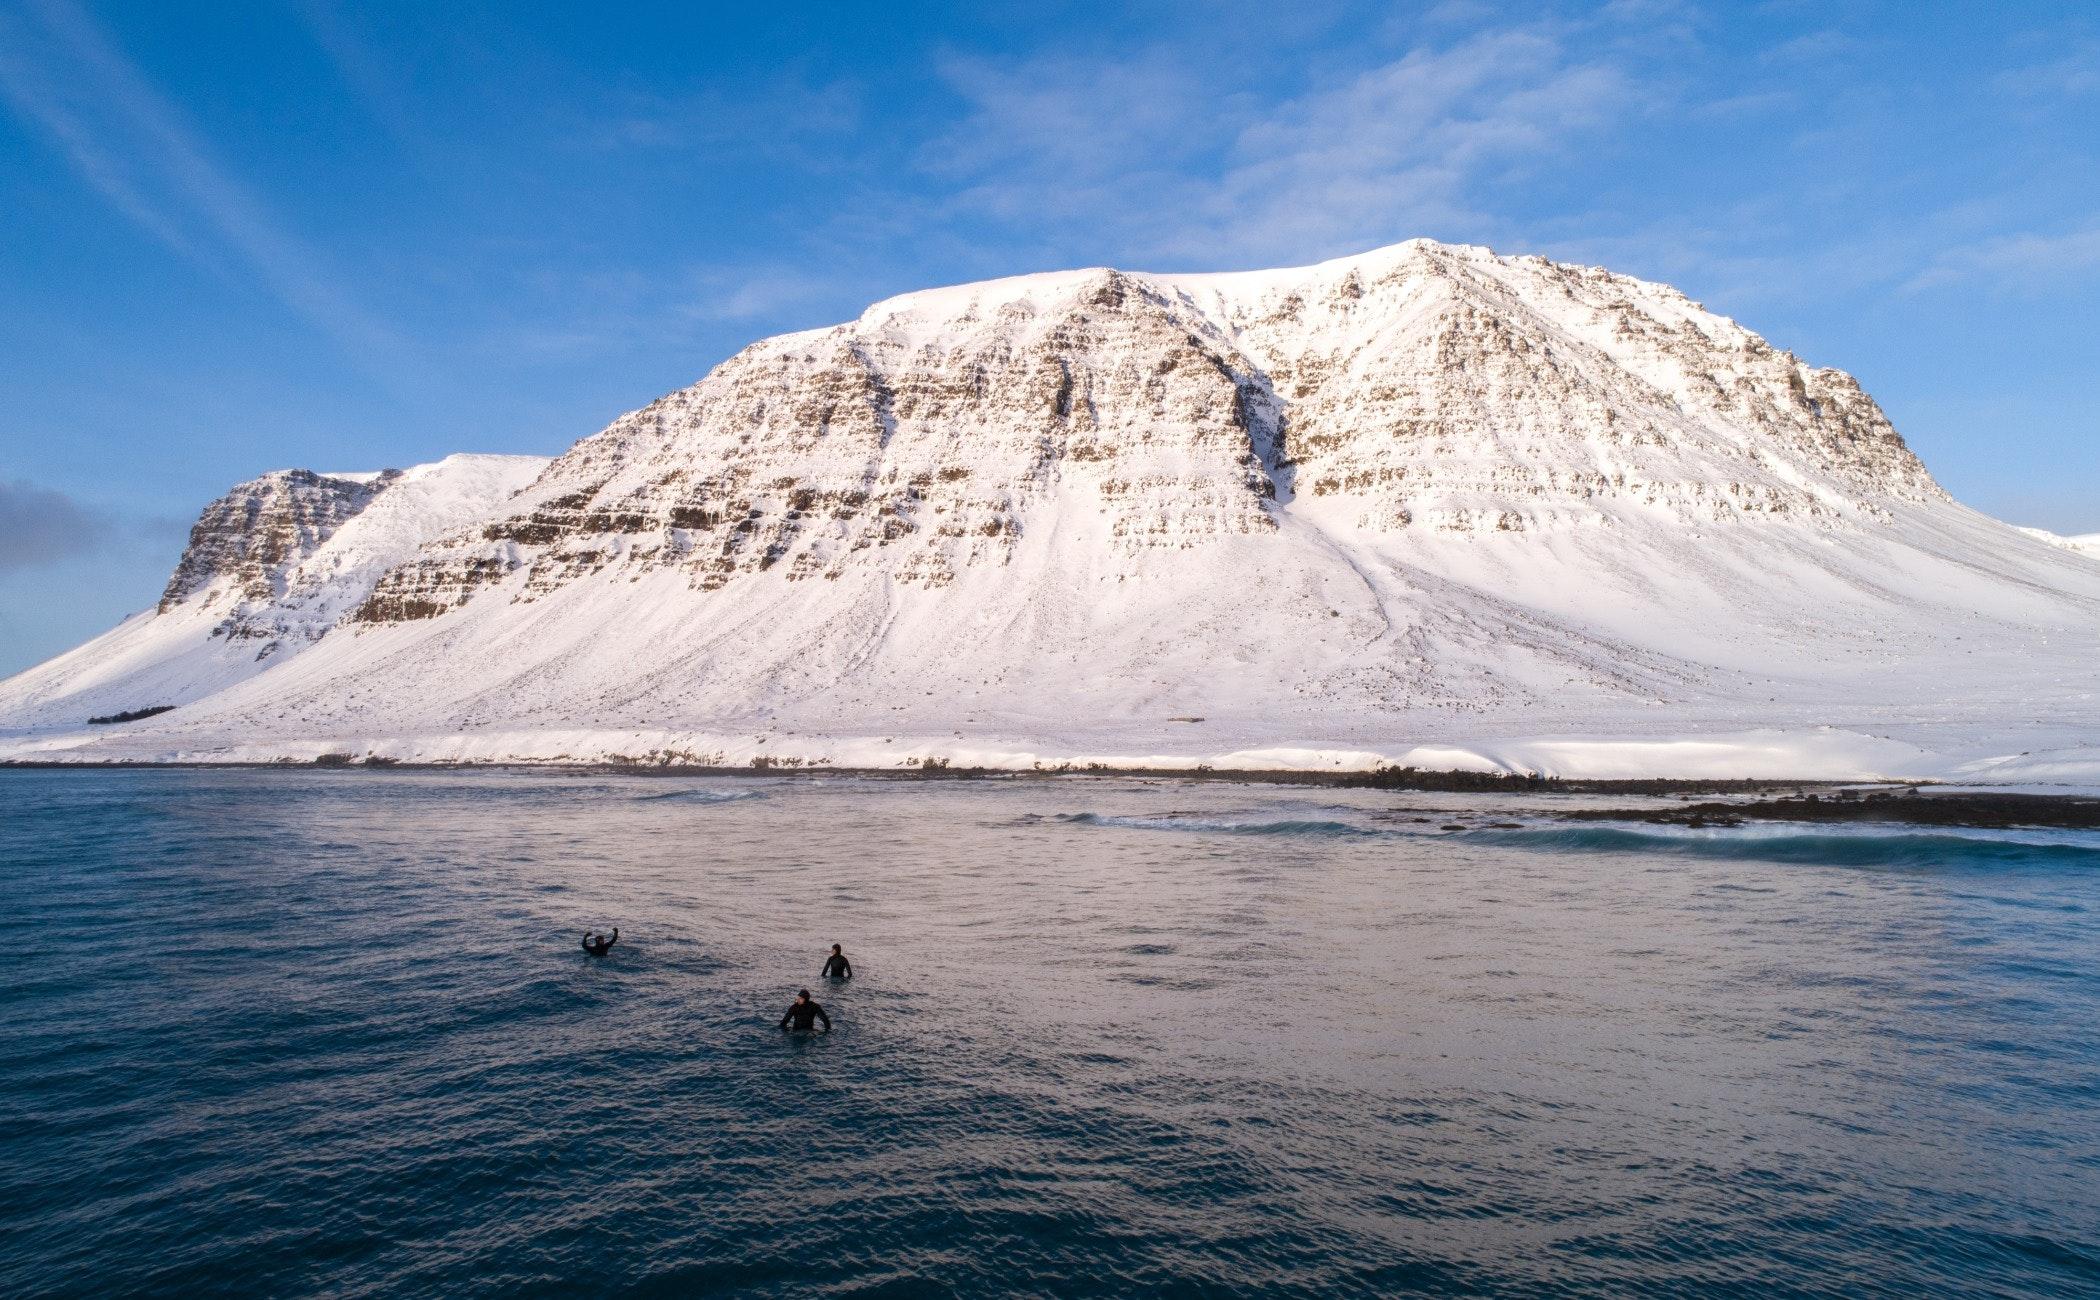 nature,mountain,outdoors,human,person,ice,mountain range,peak,snow